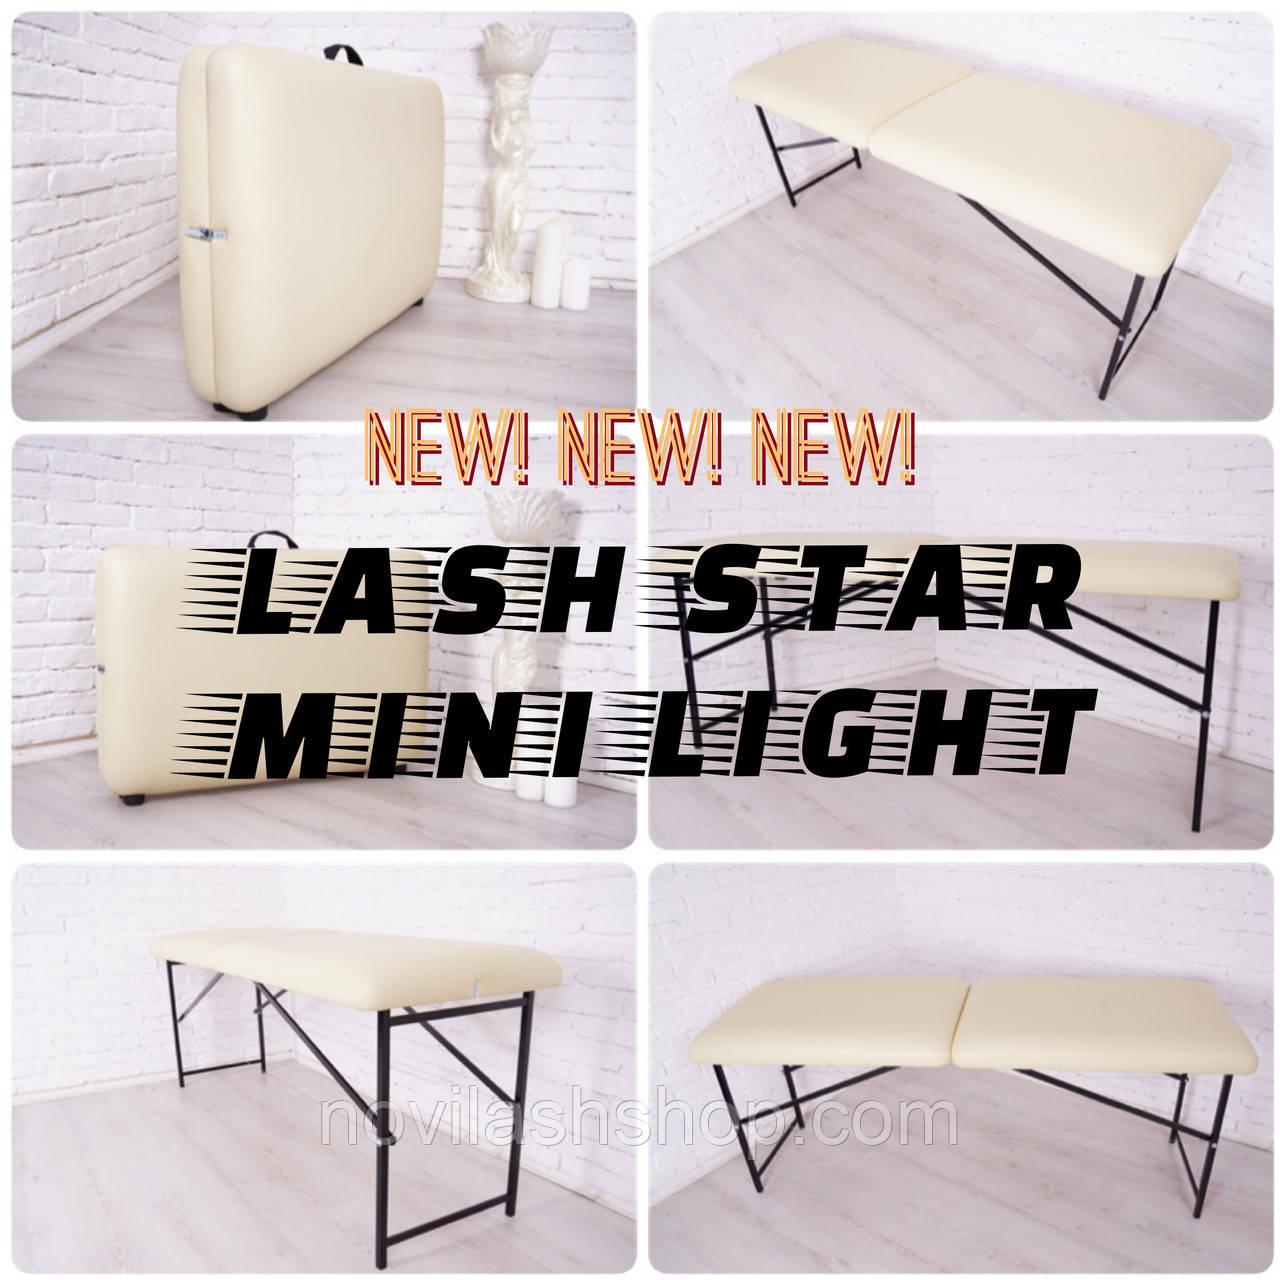 Кушетка косметологическая  LASH STAR MINI LIGHT от TM Beauty Comfort(цвета в ассортименте )